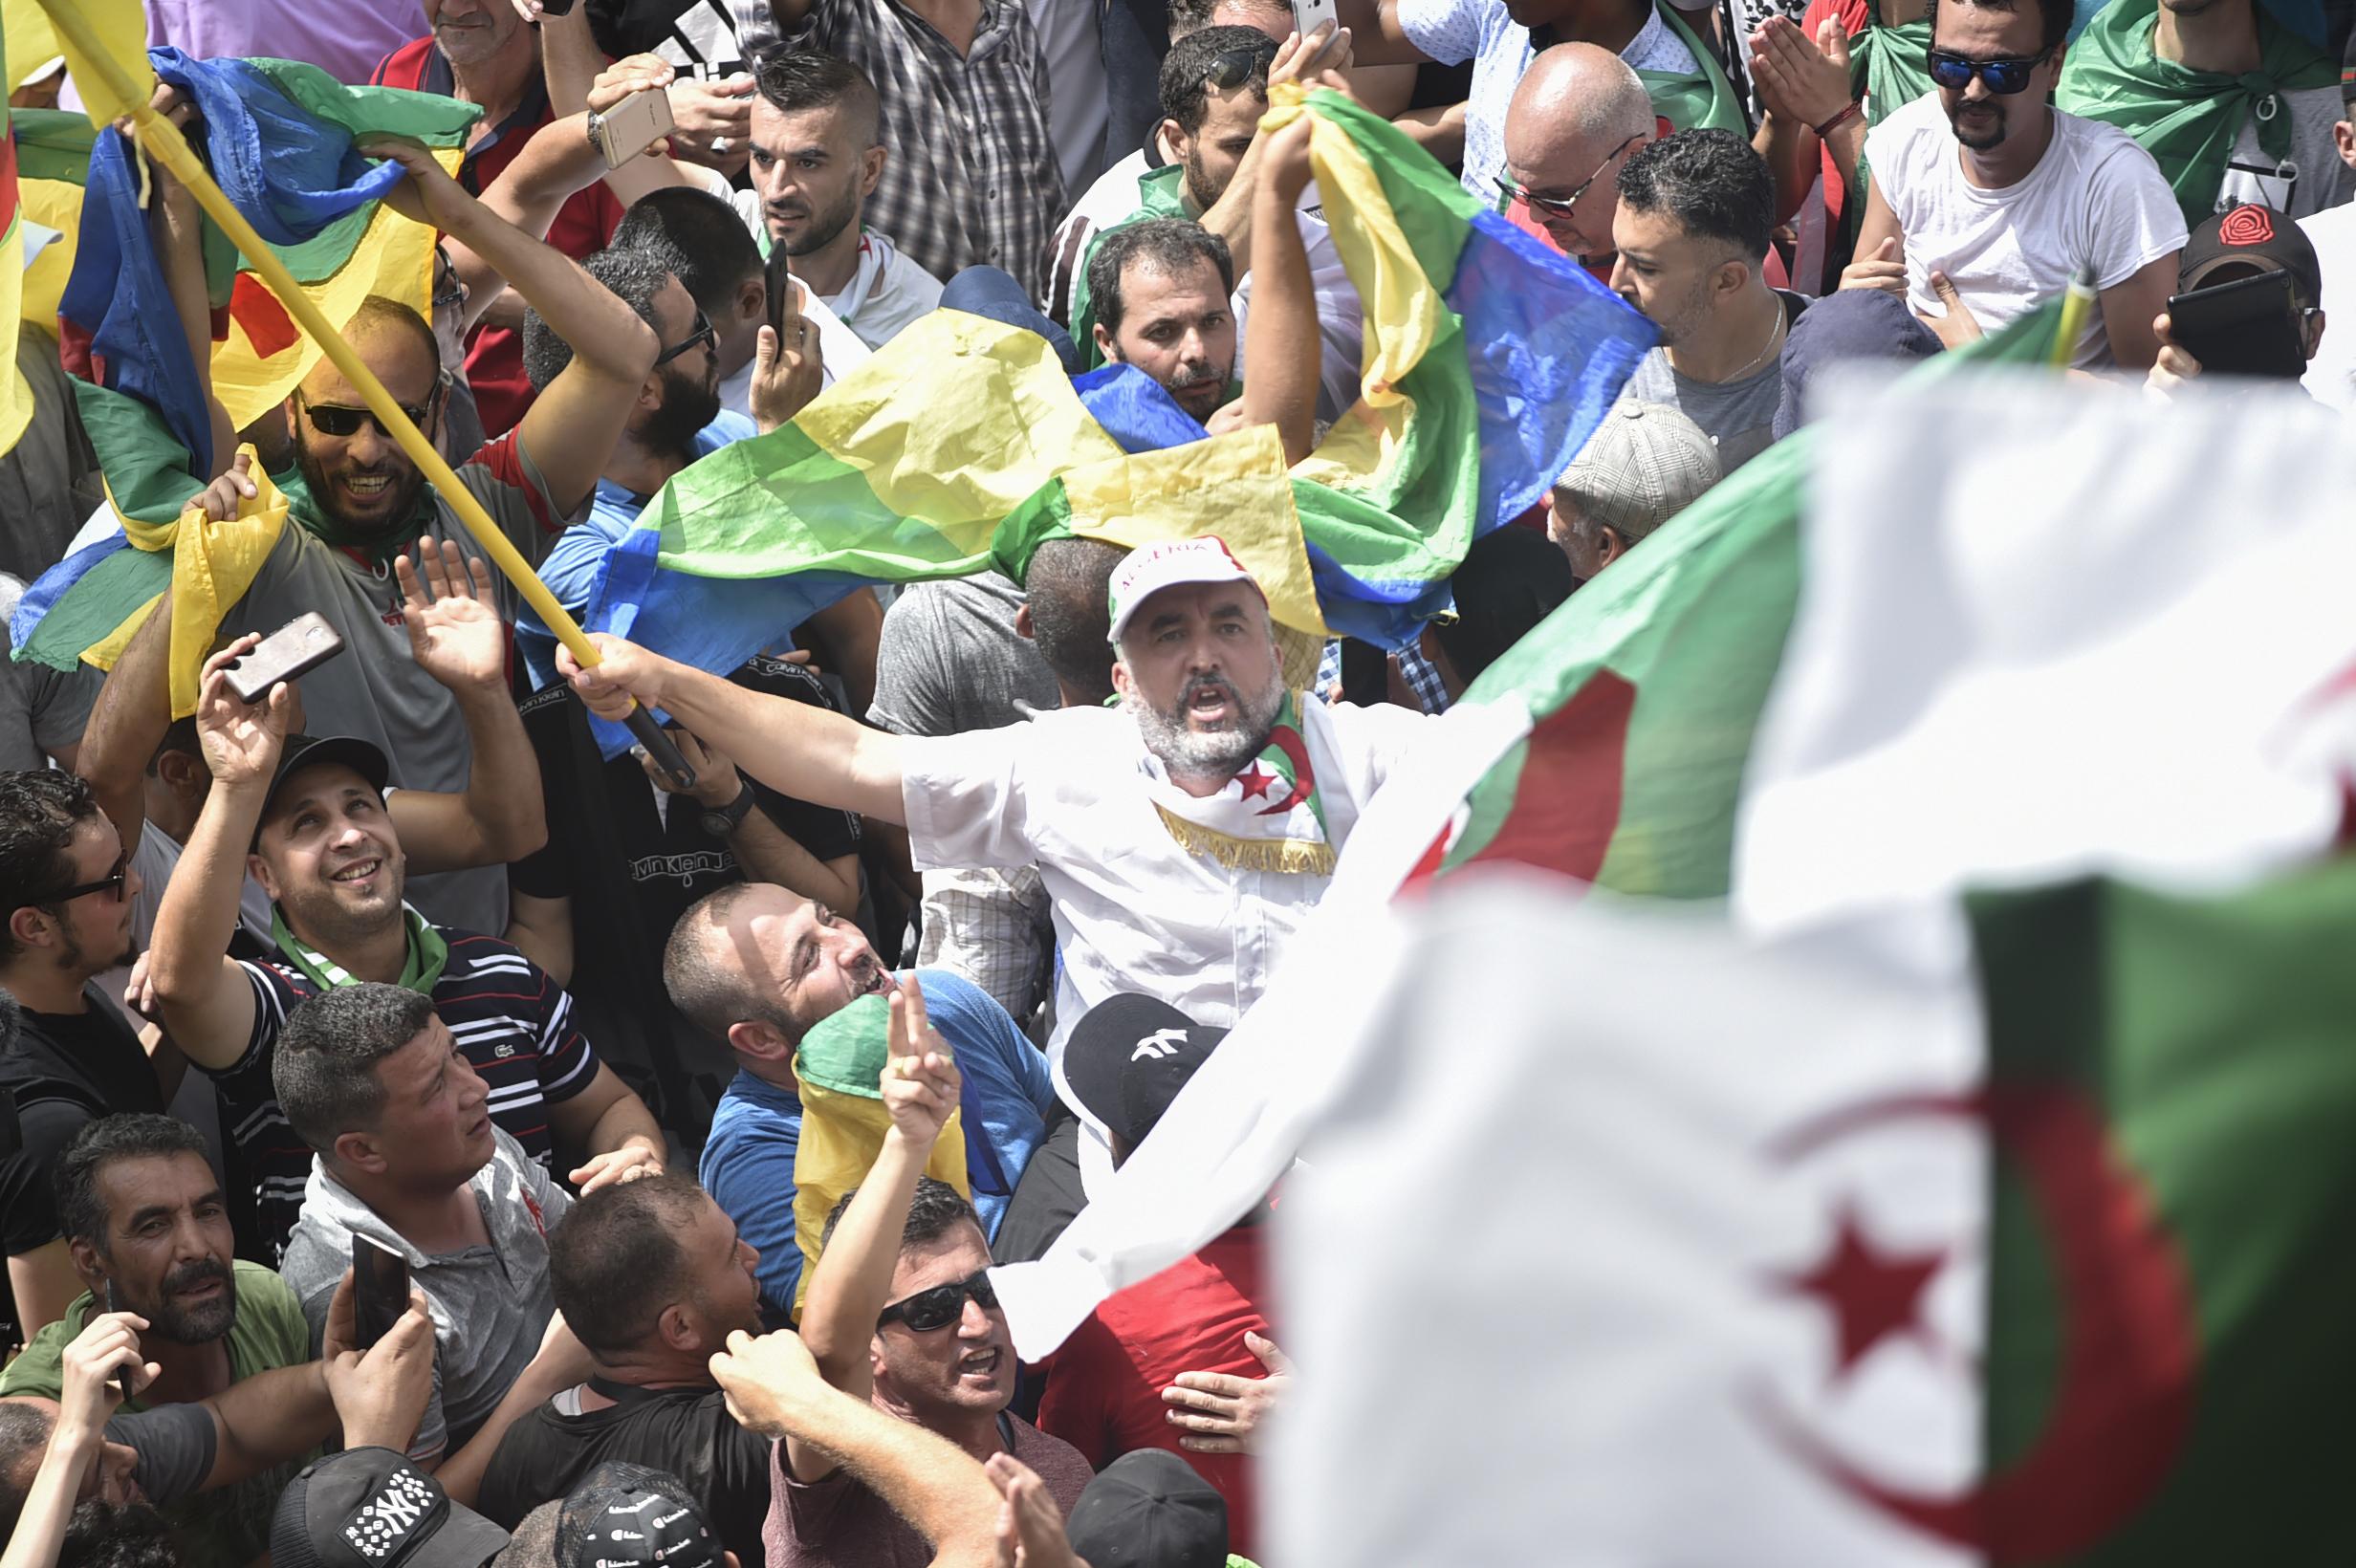 متظاهرون يرفعون الراية الأمازيغية في مظاهرات الجزائر